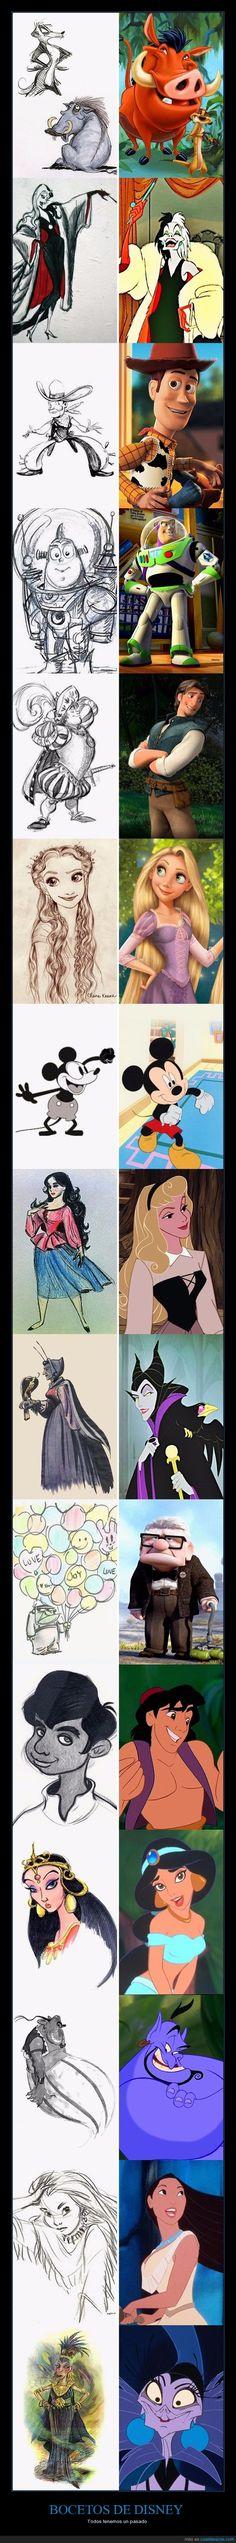 Salen a la luz los bocetos de los principales personajes de Disney - Todos tenemos un pasado